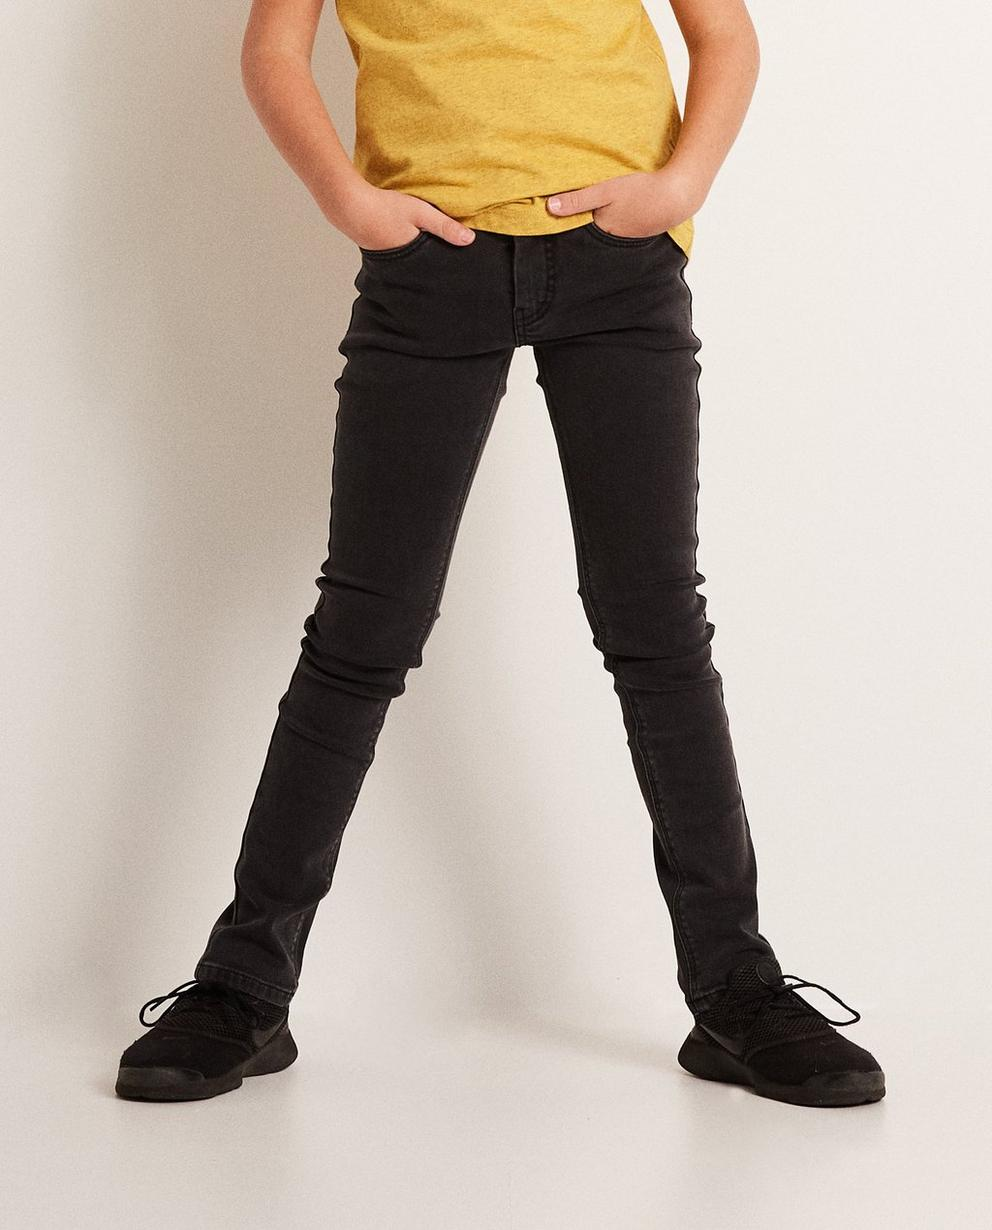 Jeans - Schwarz - Skinny Straight Jeans THOMAS